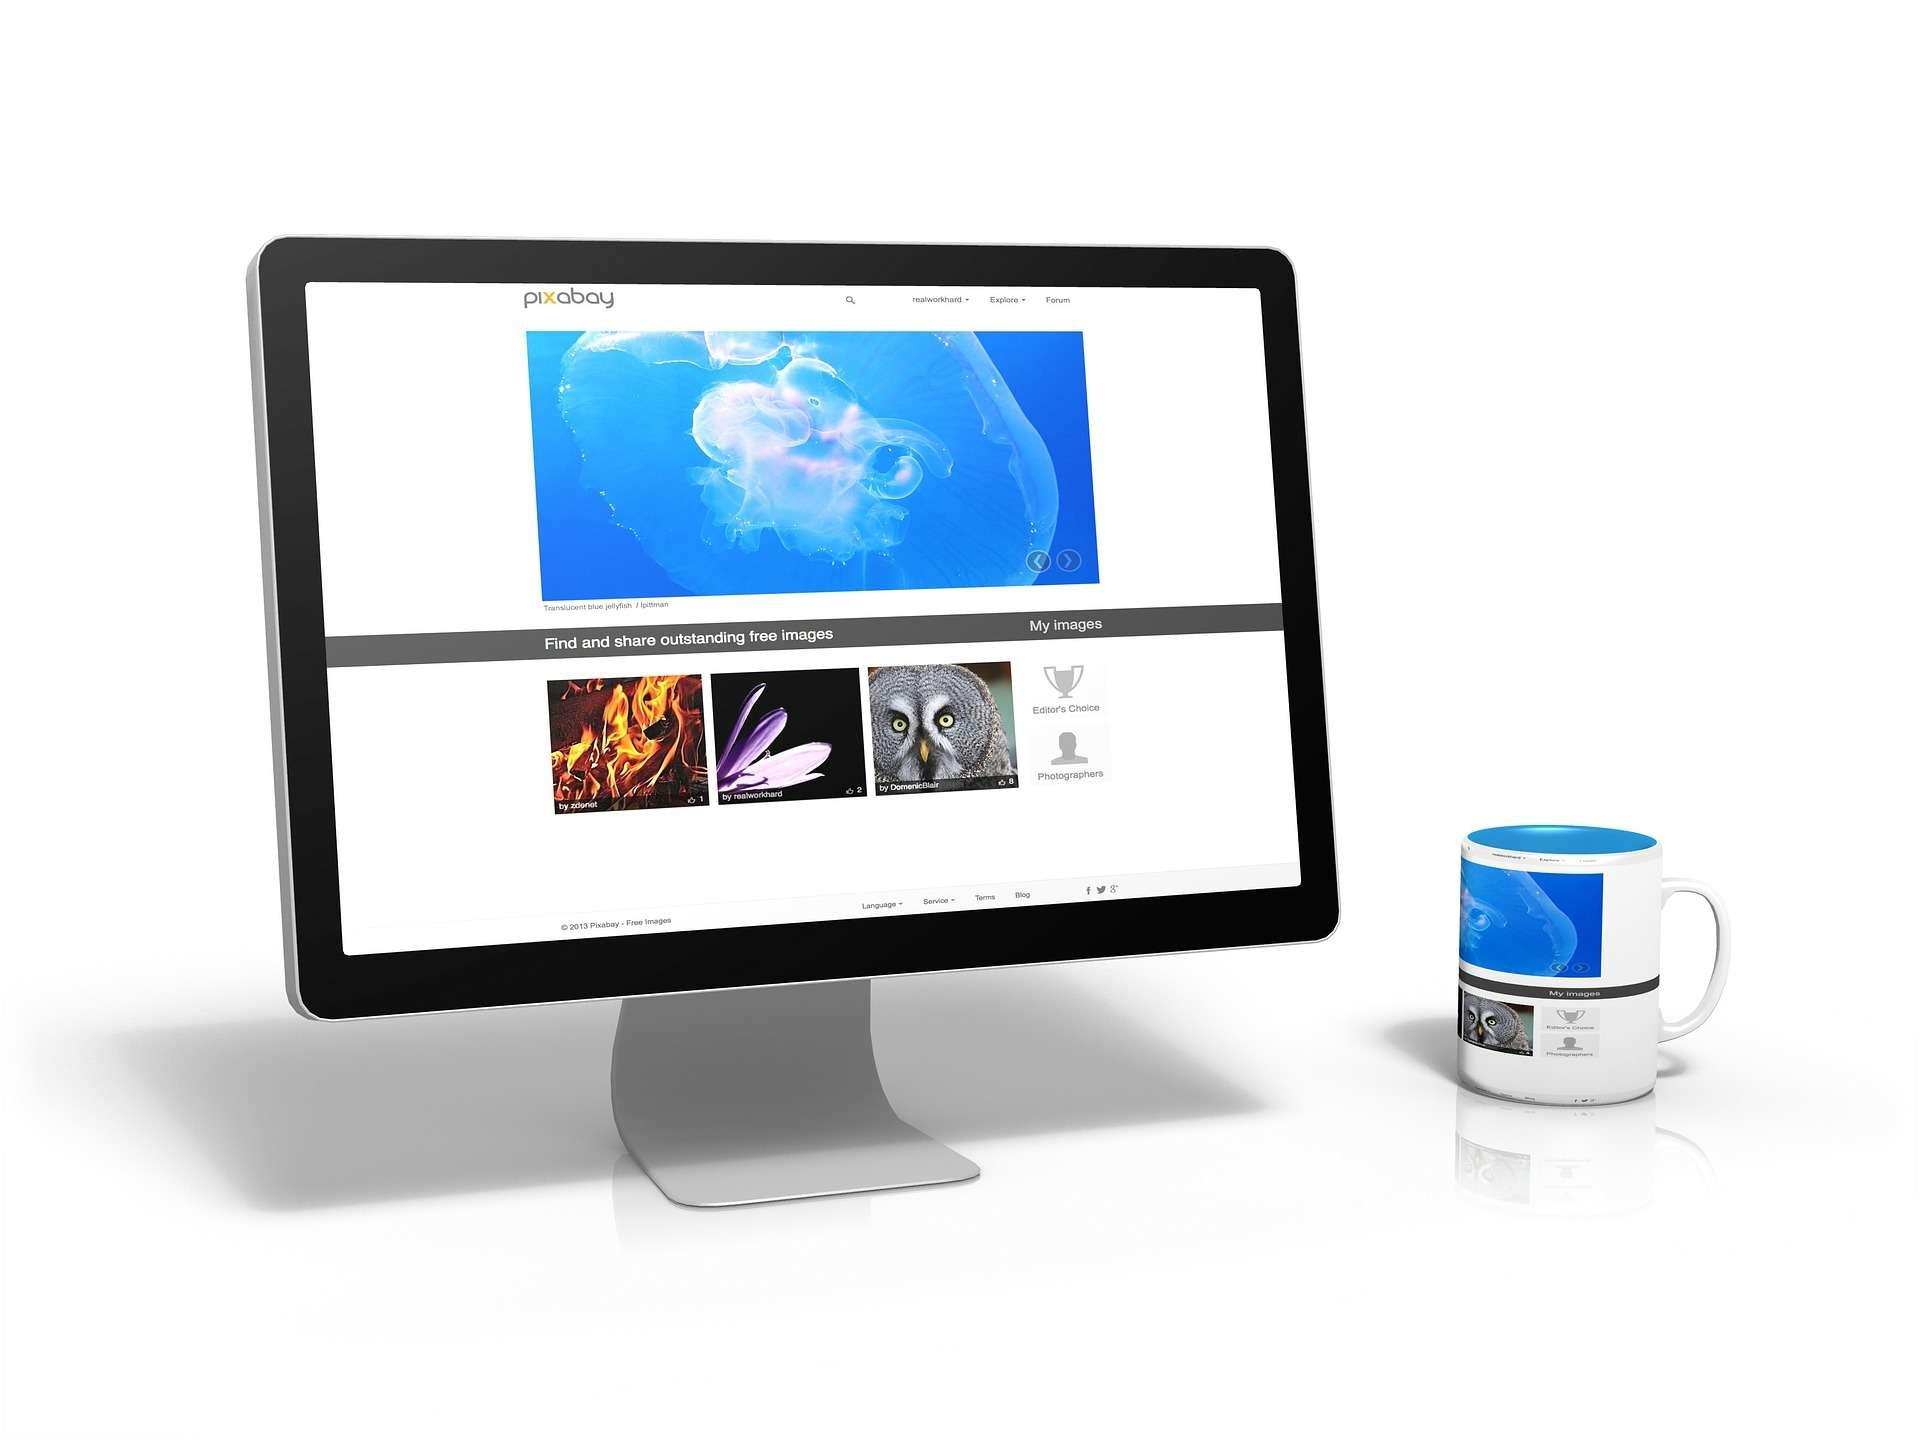 Images Et Videos Gratuites Libres De Droit Blogopmp La Vision Sur Le Net